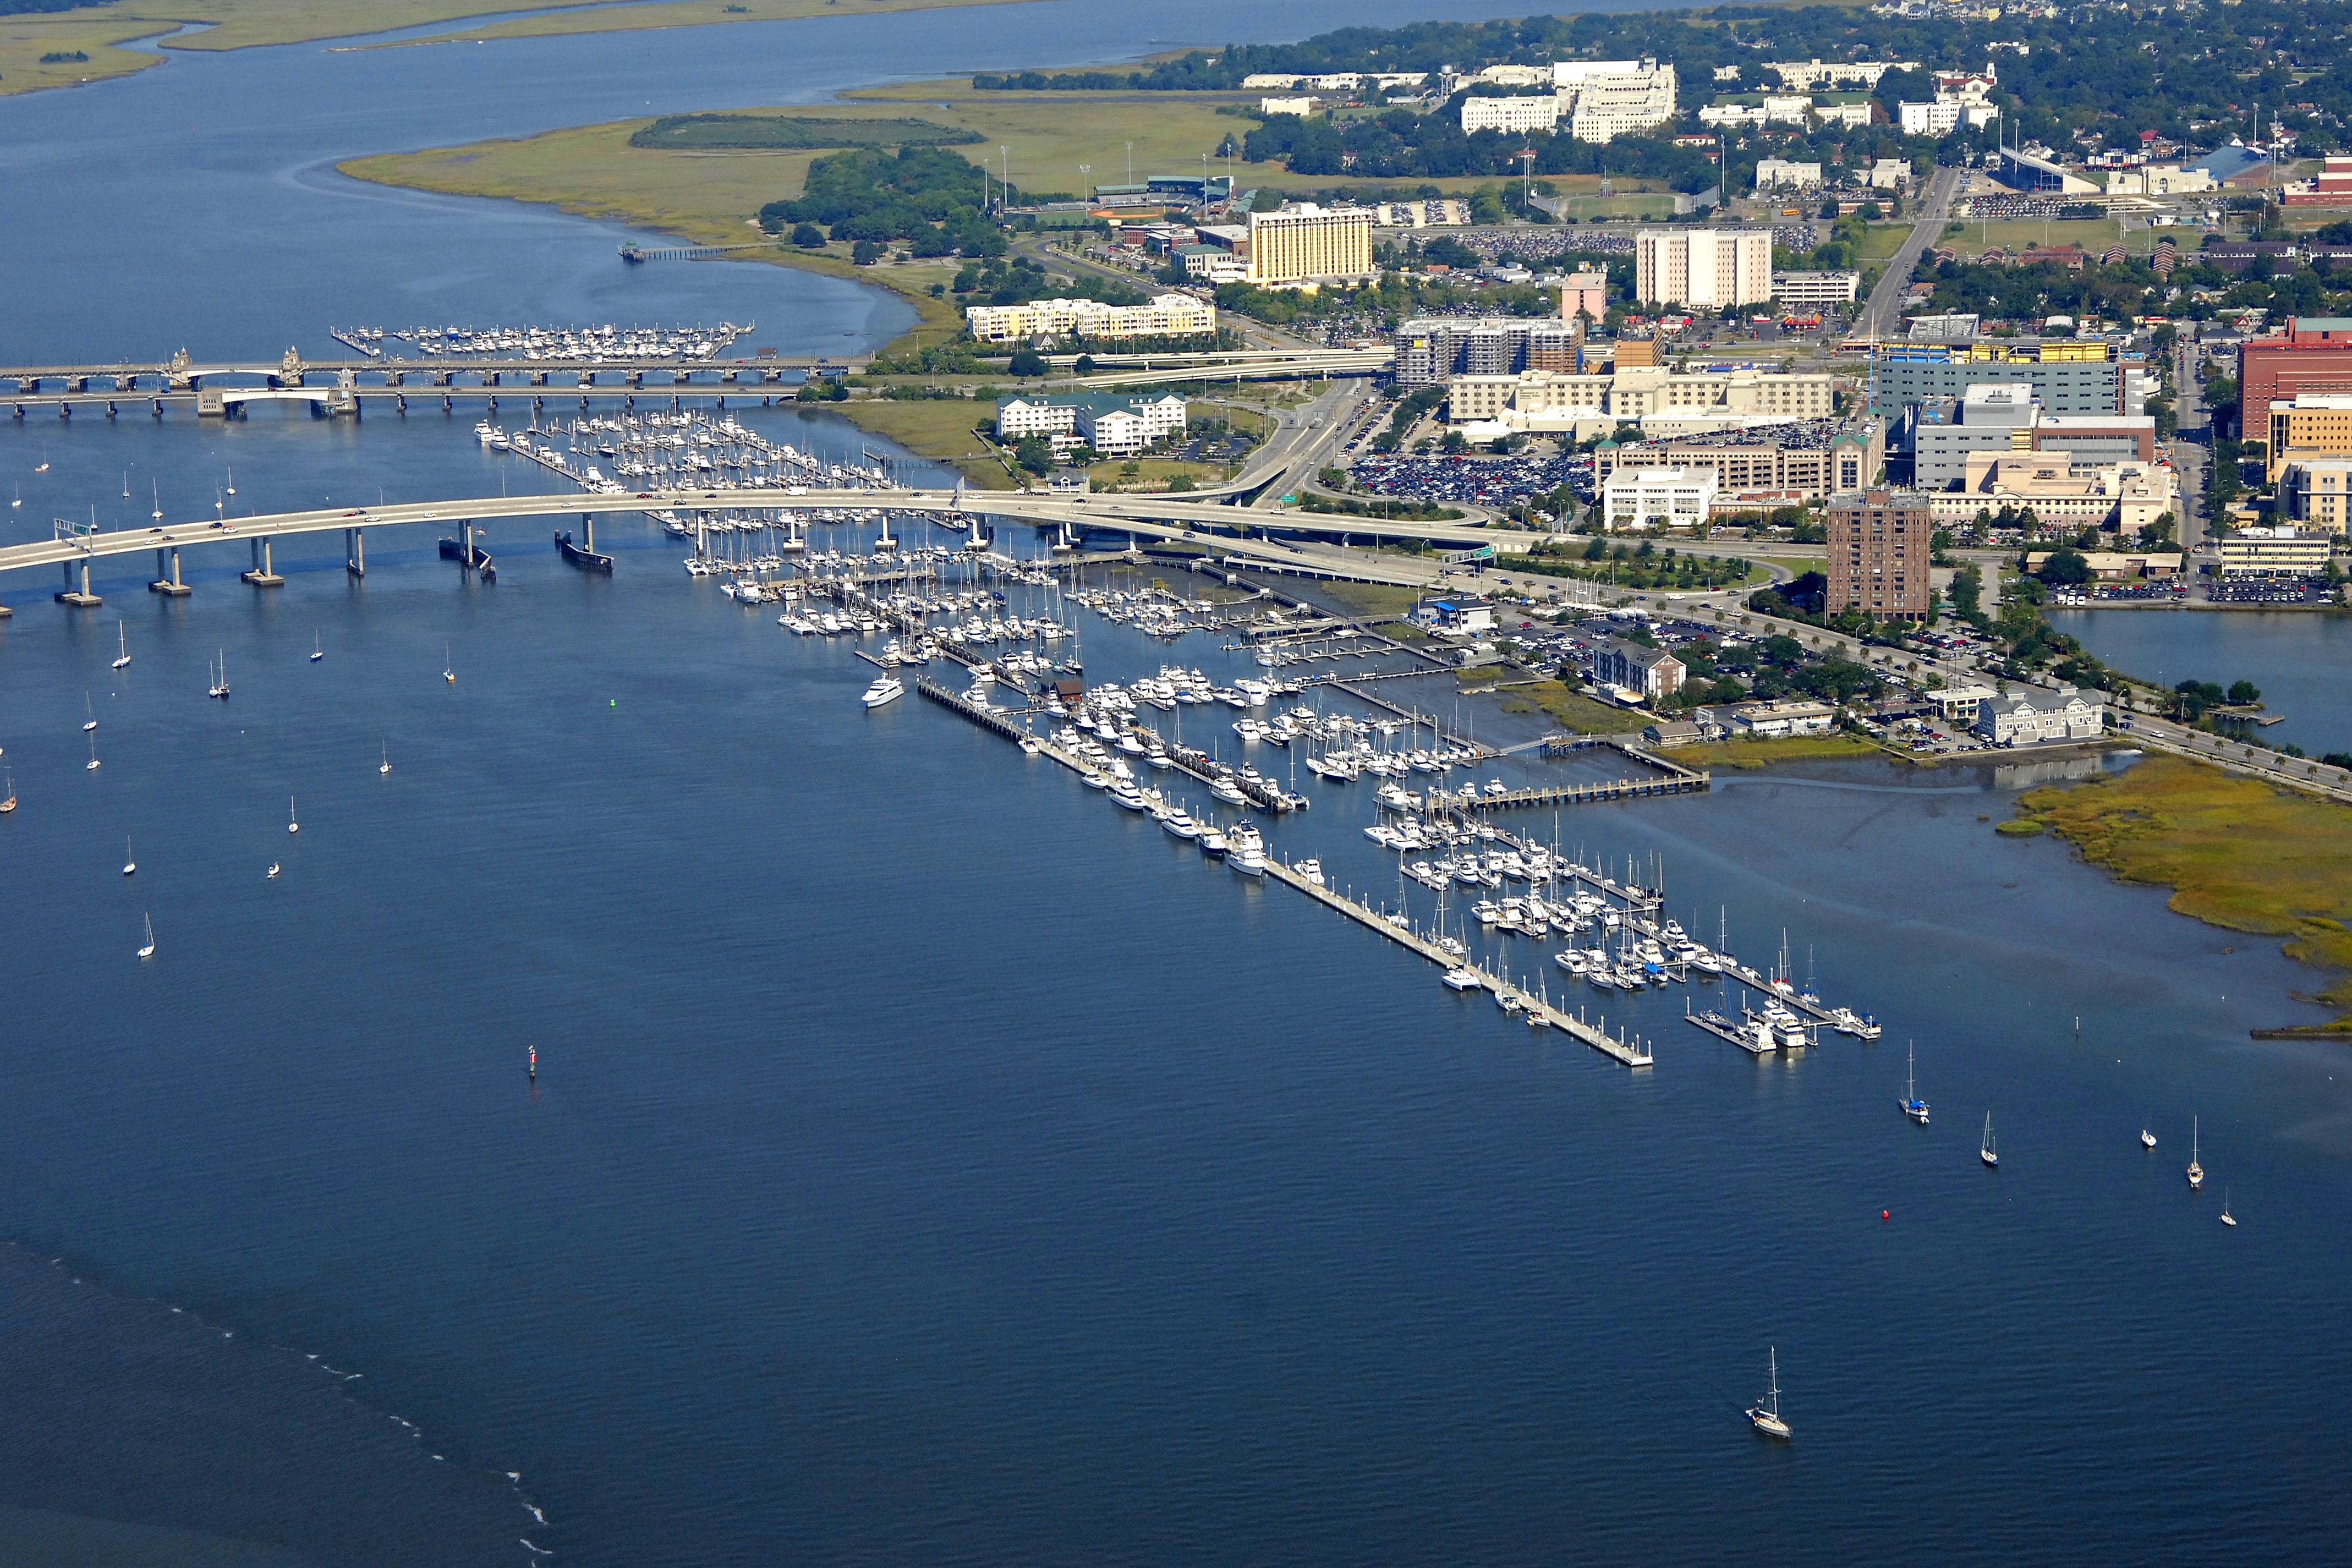 Charleston Harbor Ed50fbe4dc57ef8f66f1ed65764b243b4f41646047ee3603e160cf5d8e3a3f82